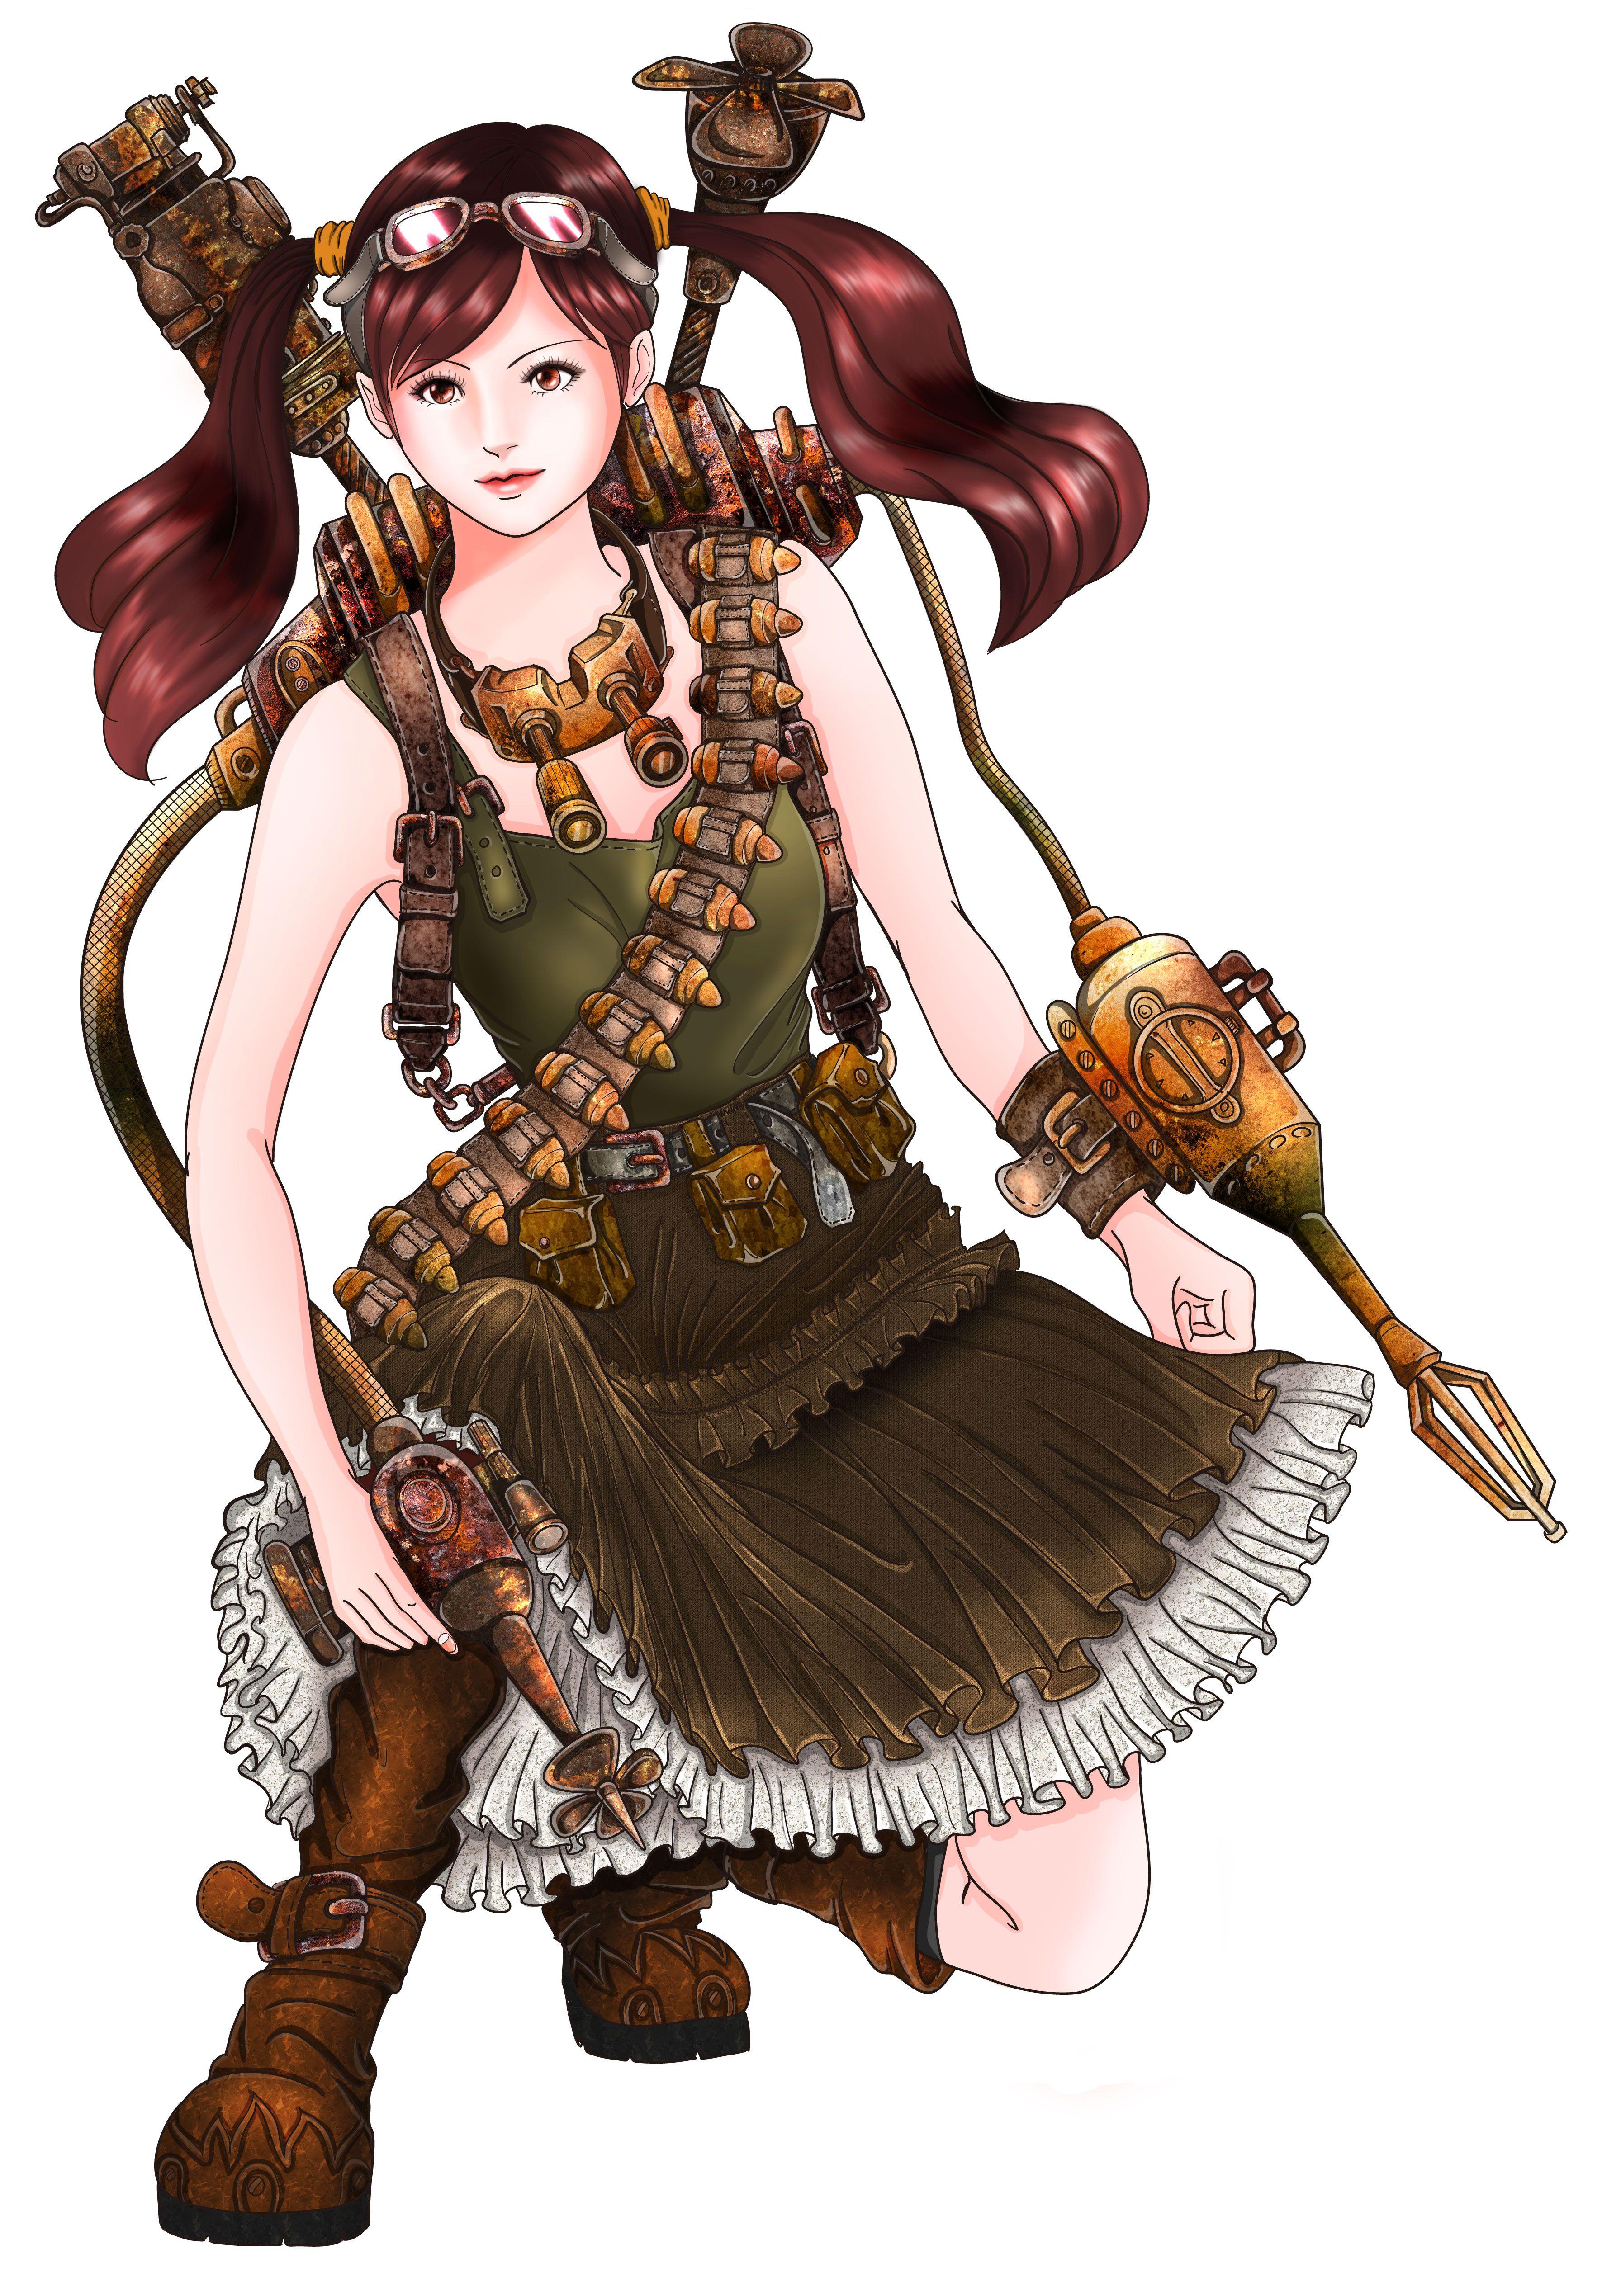 スチームパンクな女子のイラストを描いてみました 幻想的なイラスト